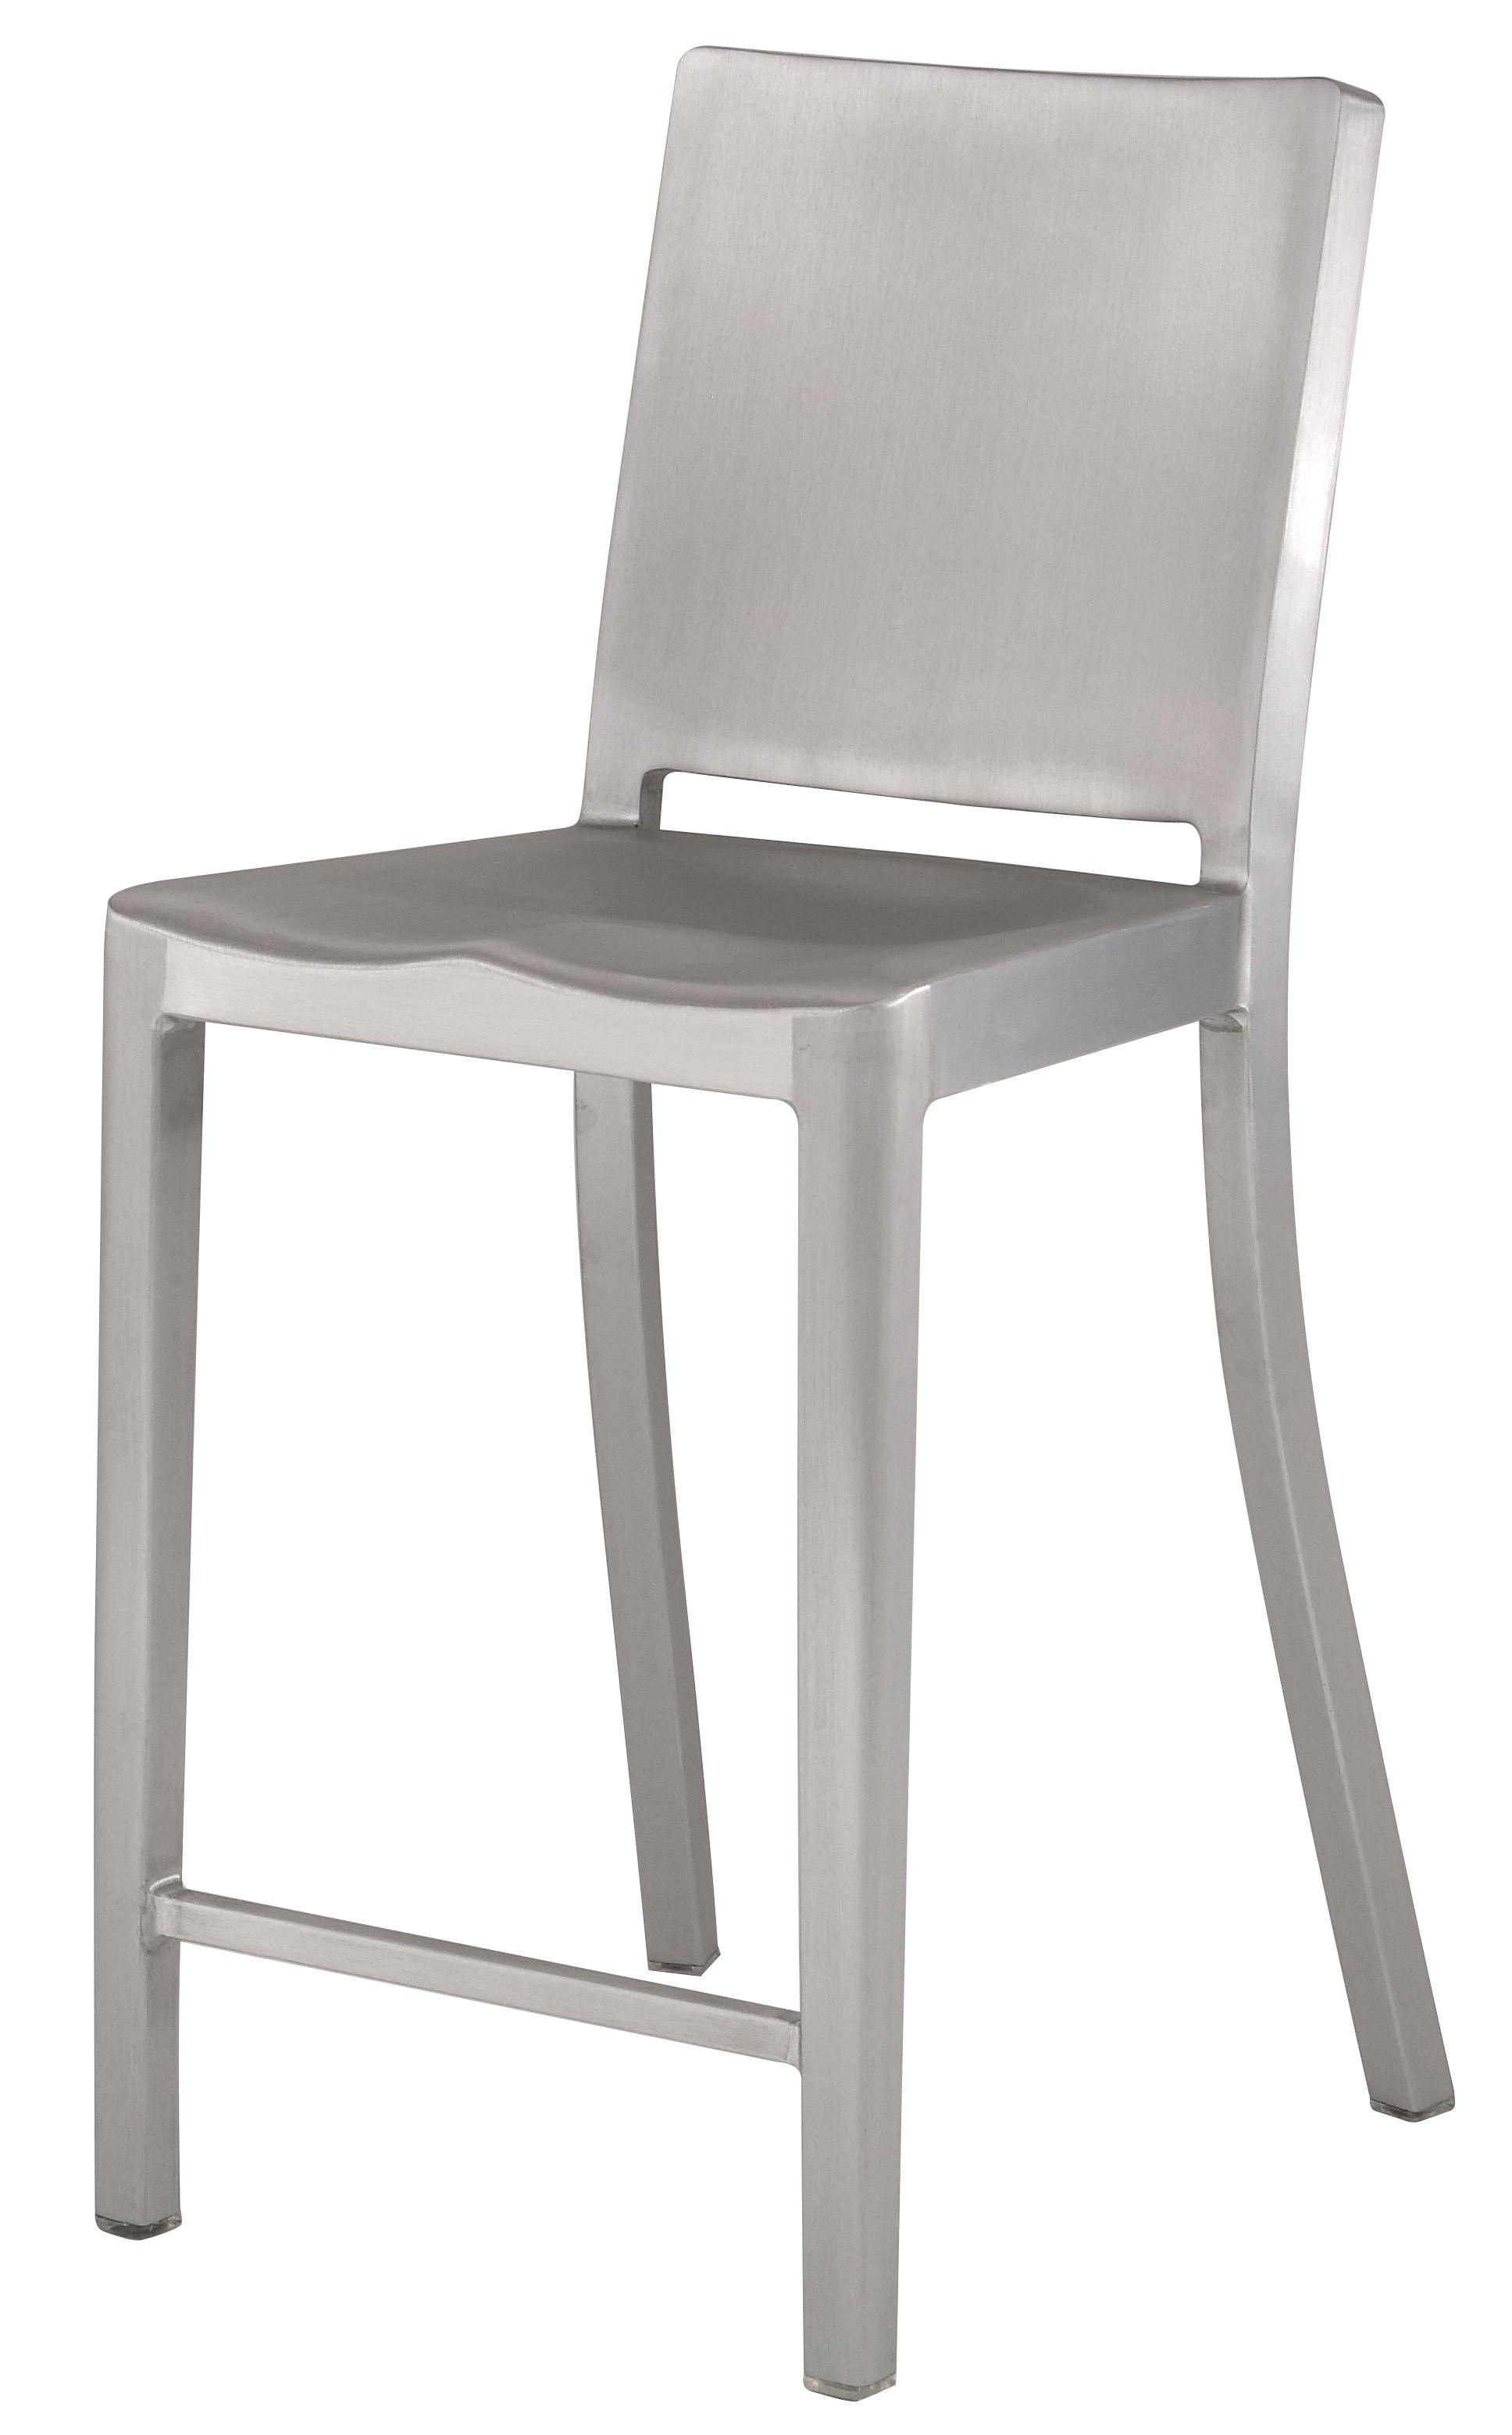 Arredamento - Sgabelli da bar  - Sedia da bar Hudson Outdoor - h 61 cm di Emeco - Alluminio opaco - Alluminio spazzolato